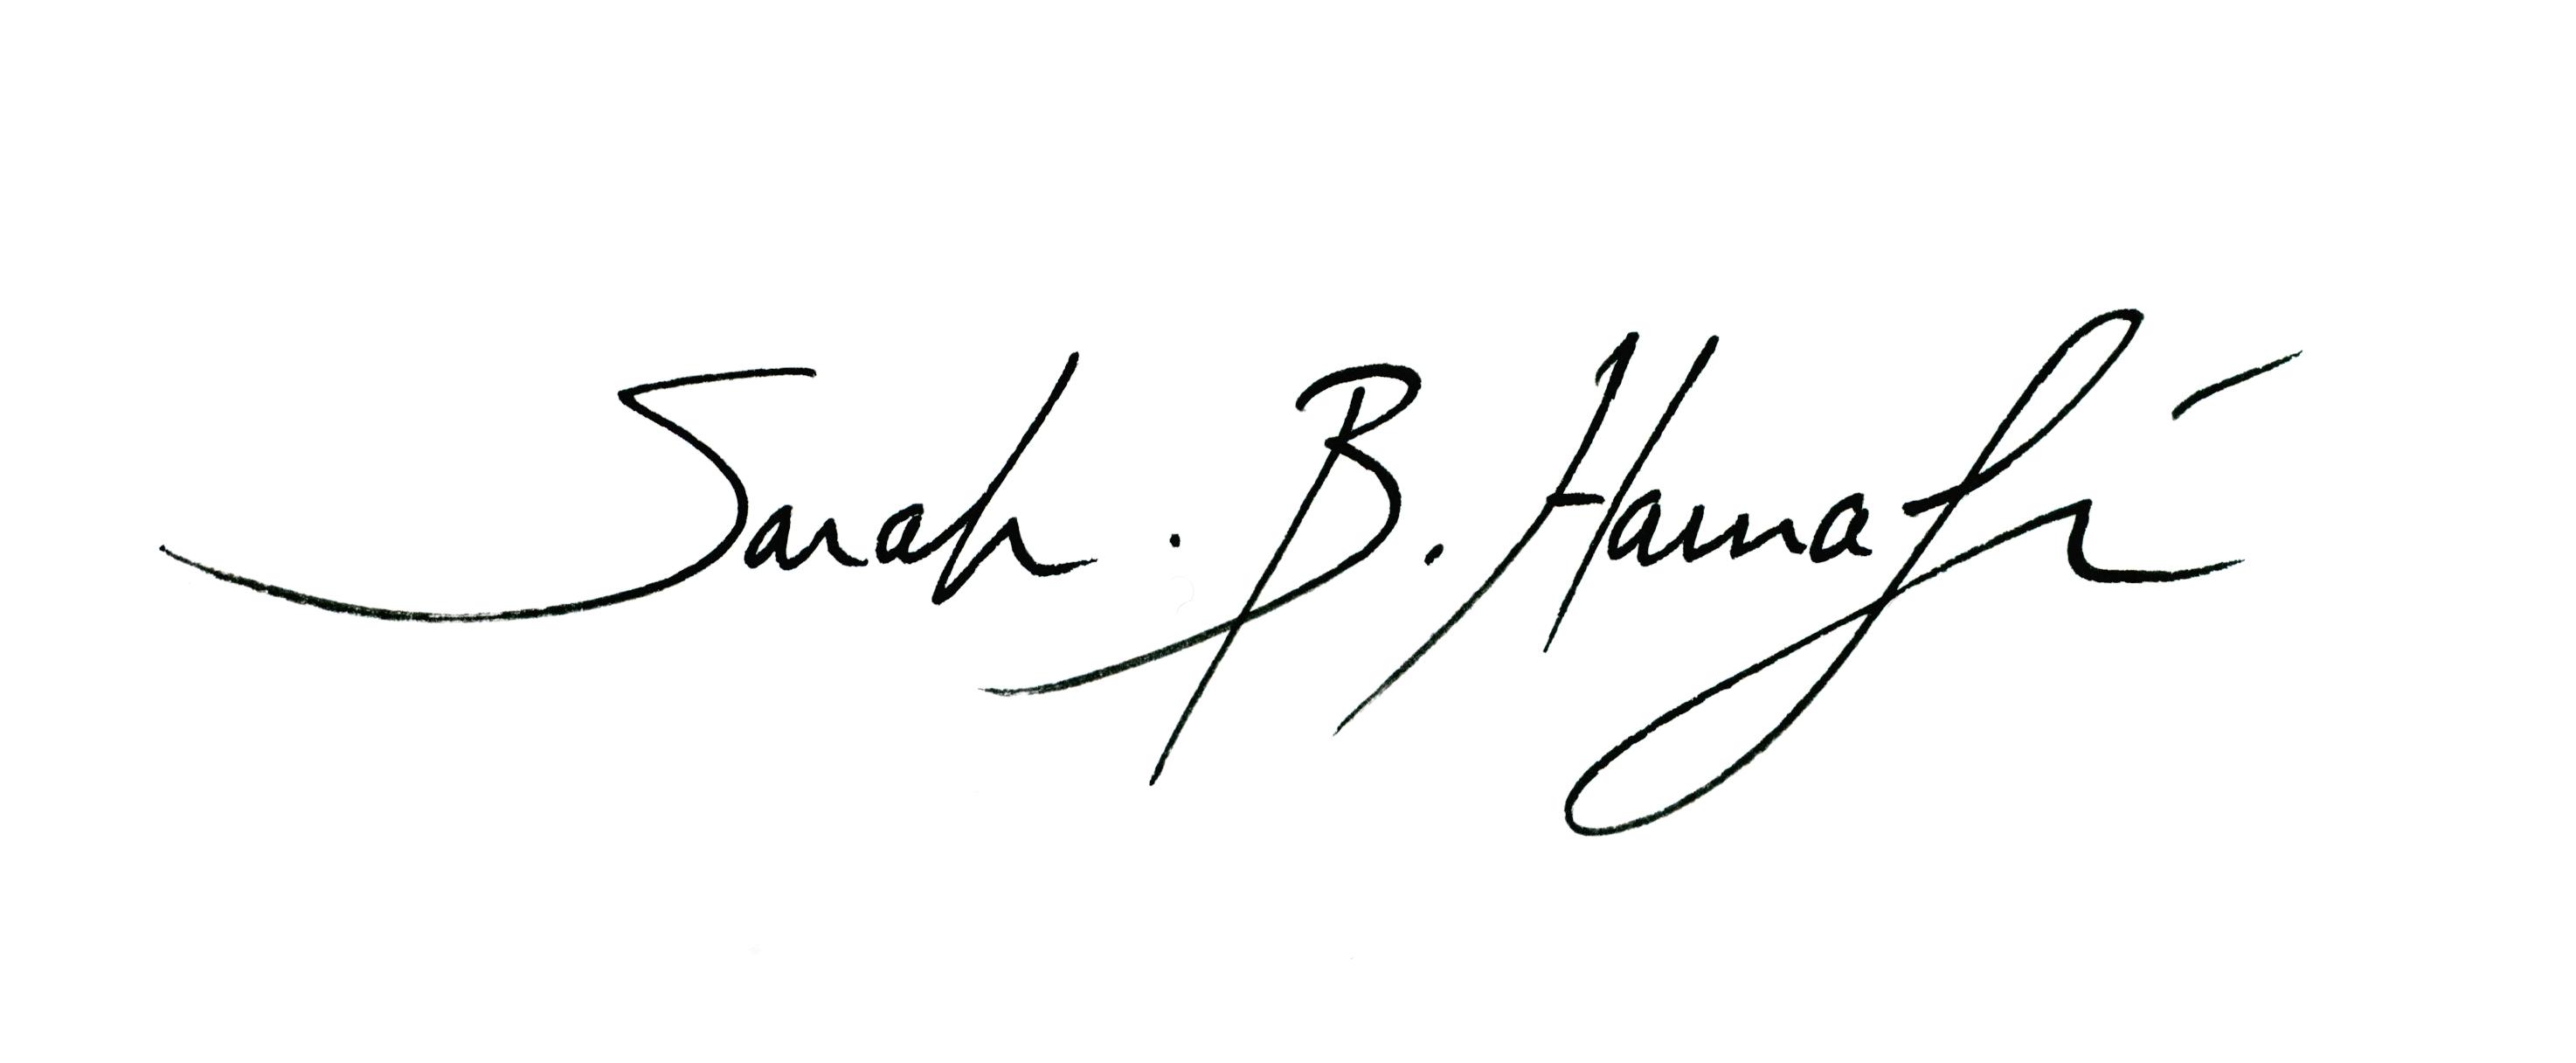 Sarah B. Harnafi's Signature